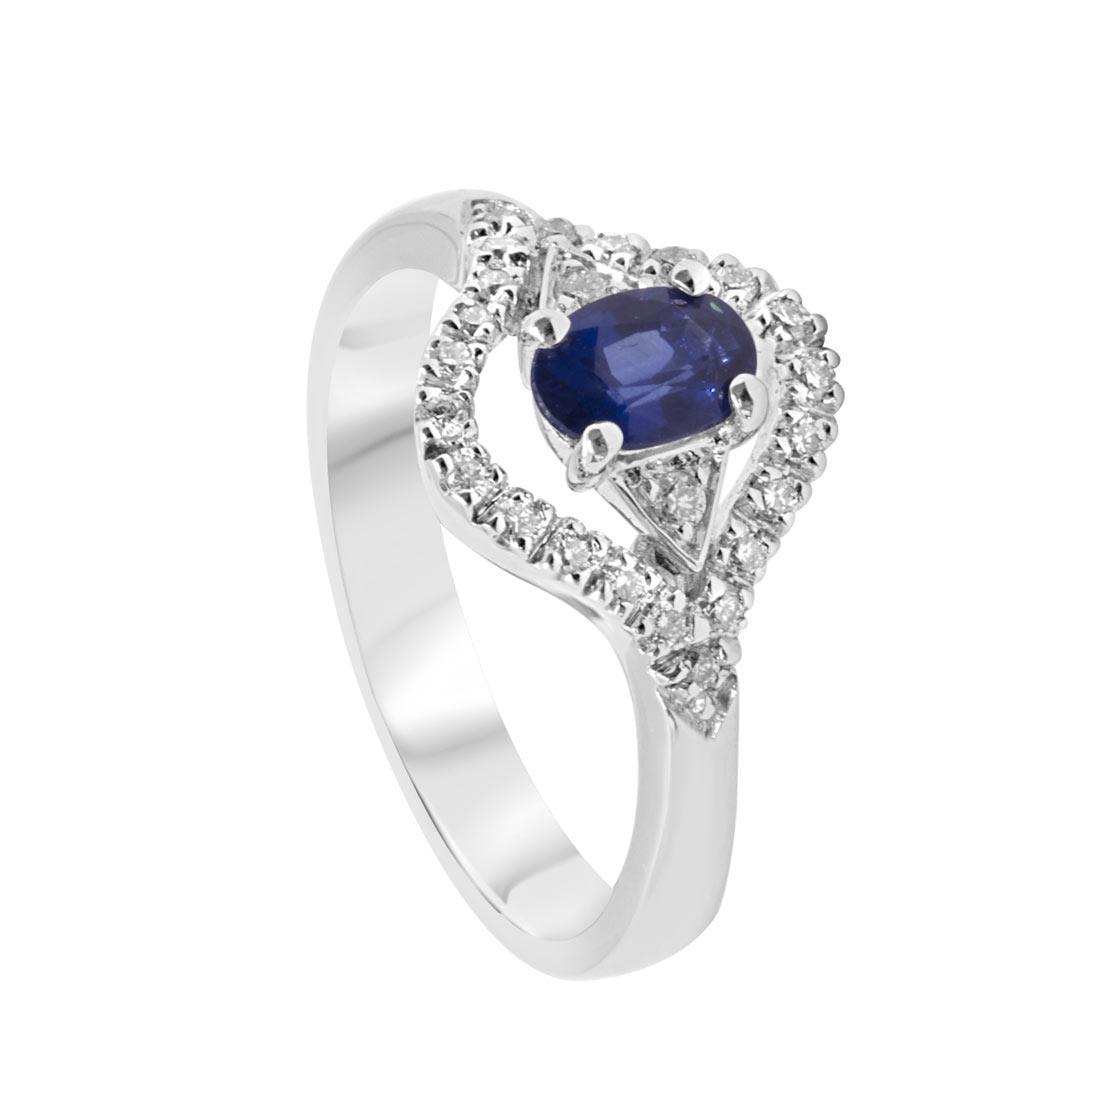 Anello in oro bianco con diamanti e zaffiri mis 13 - ALFIERI ST JOHN